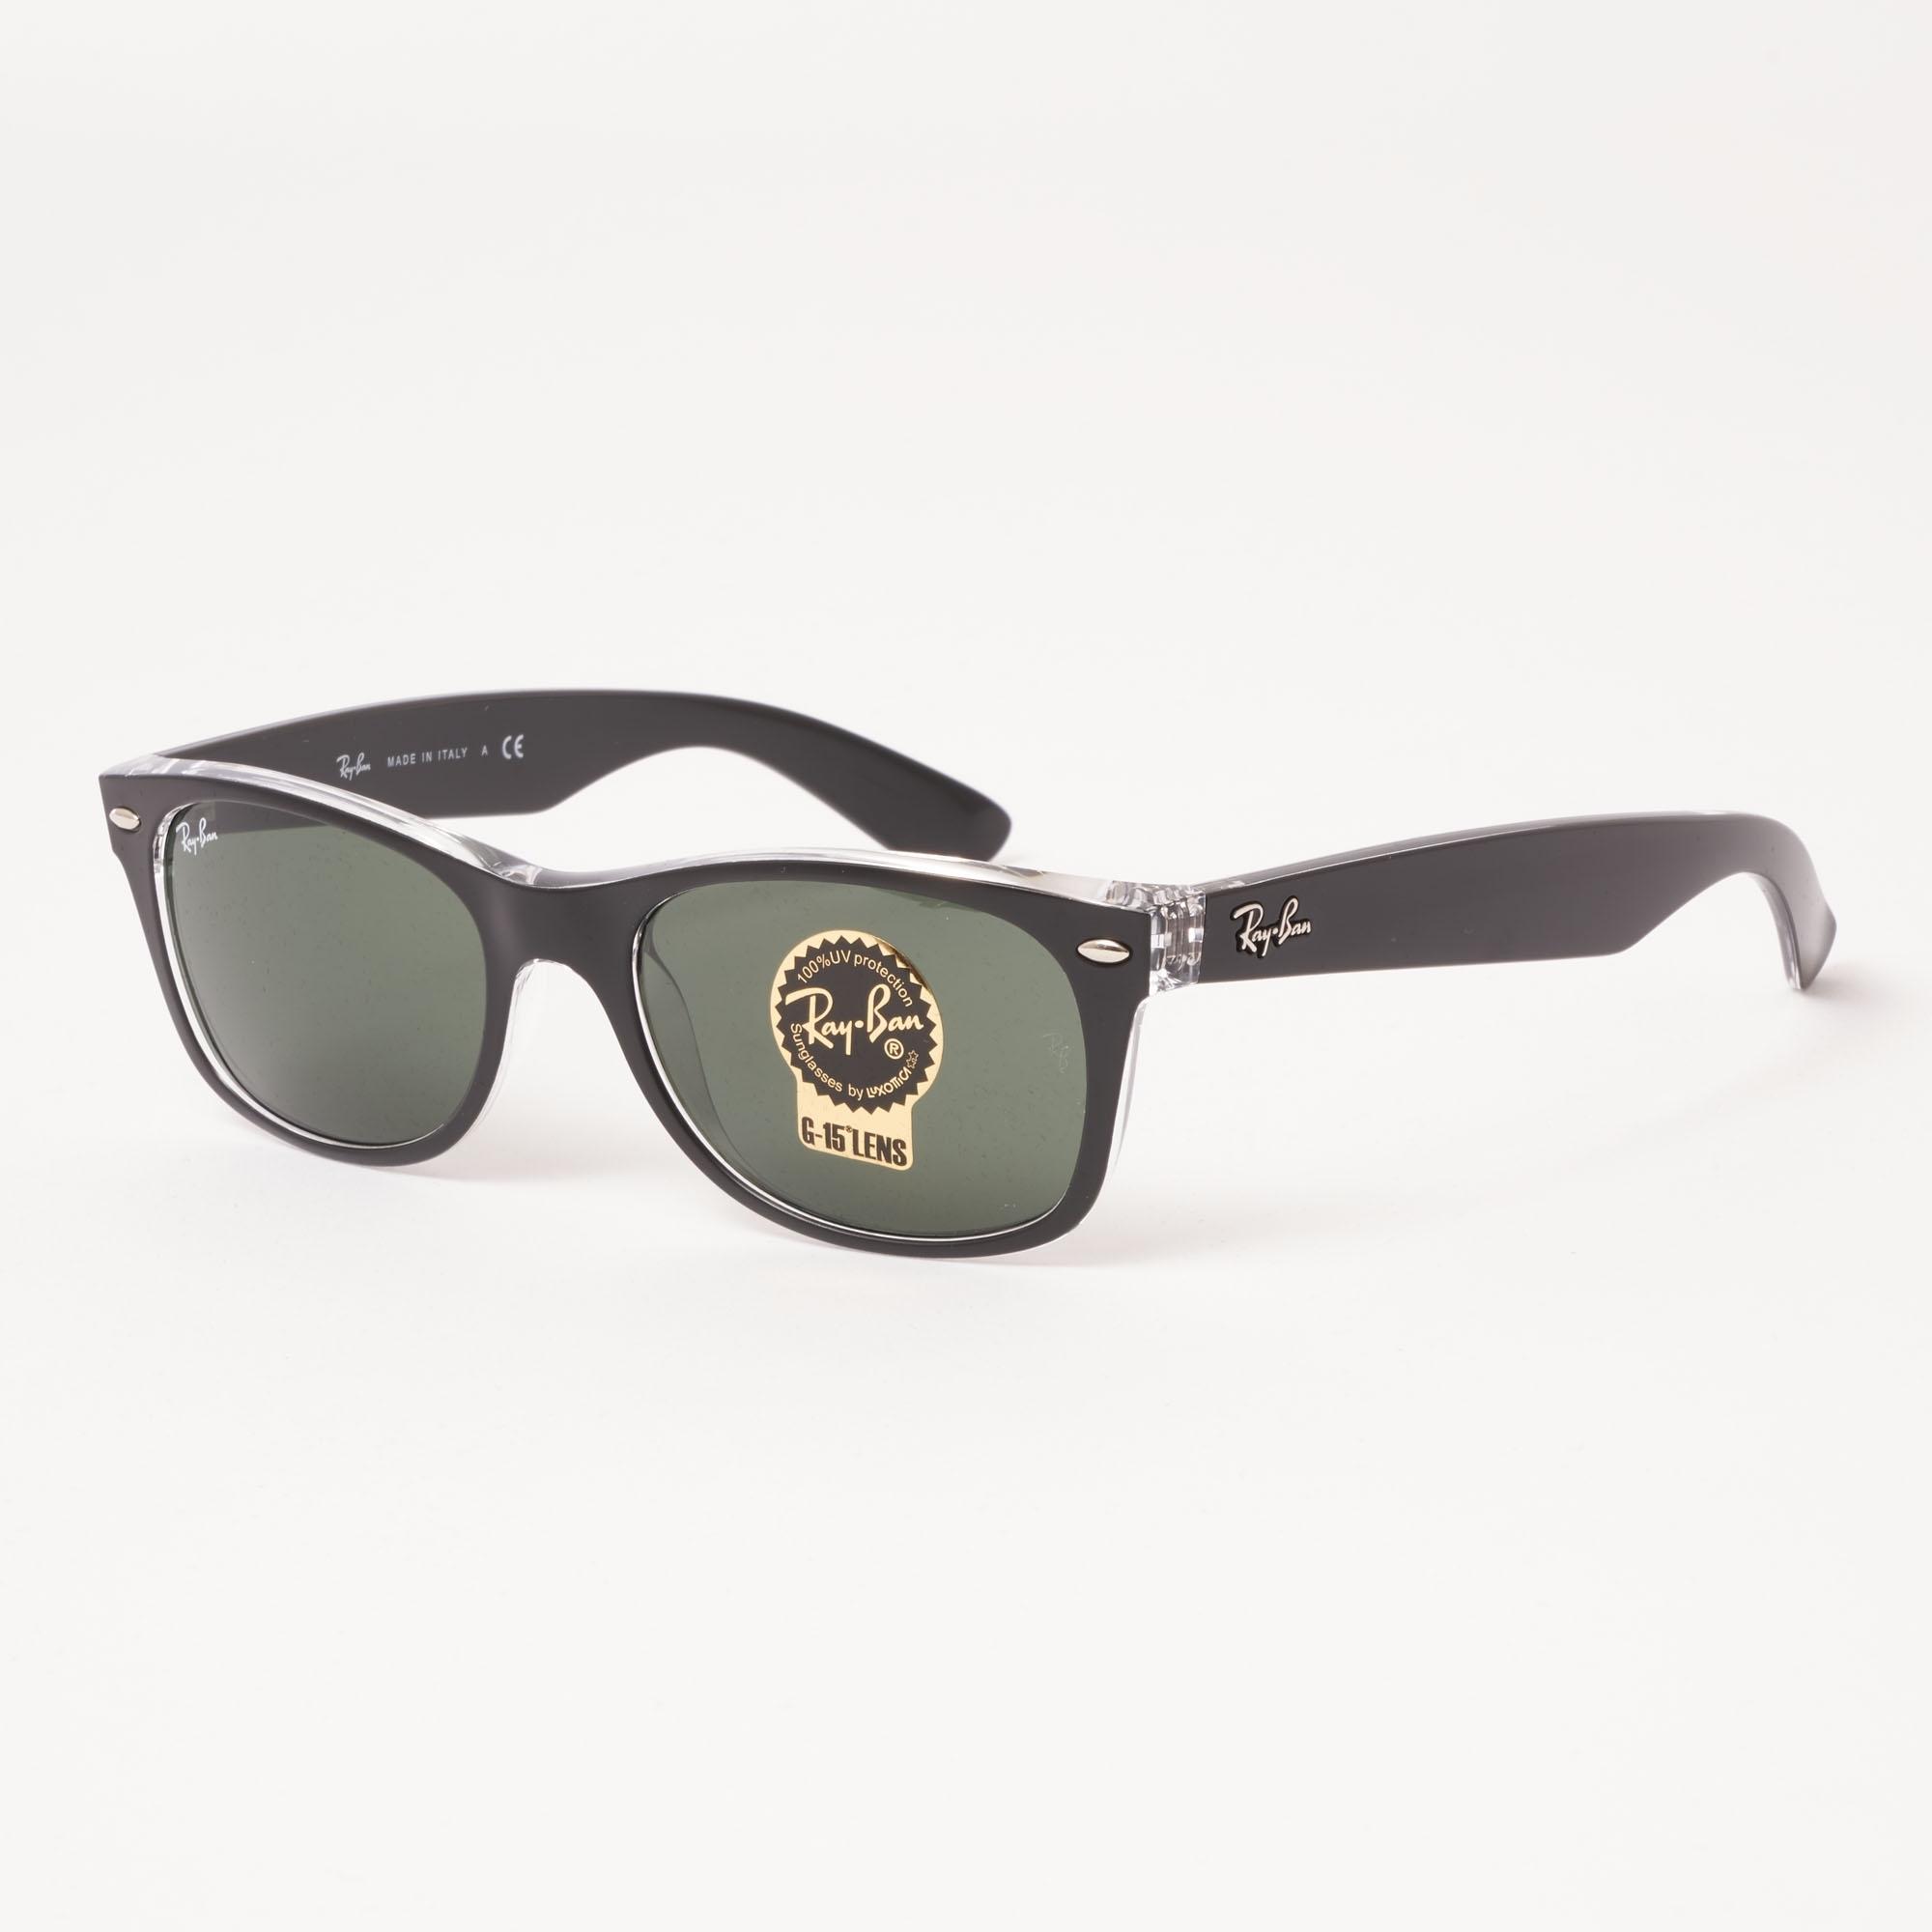 13ab4495c1a Original Wayfarer Sunglasses - Matte Black